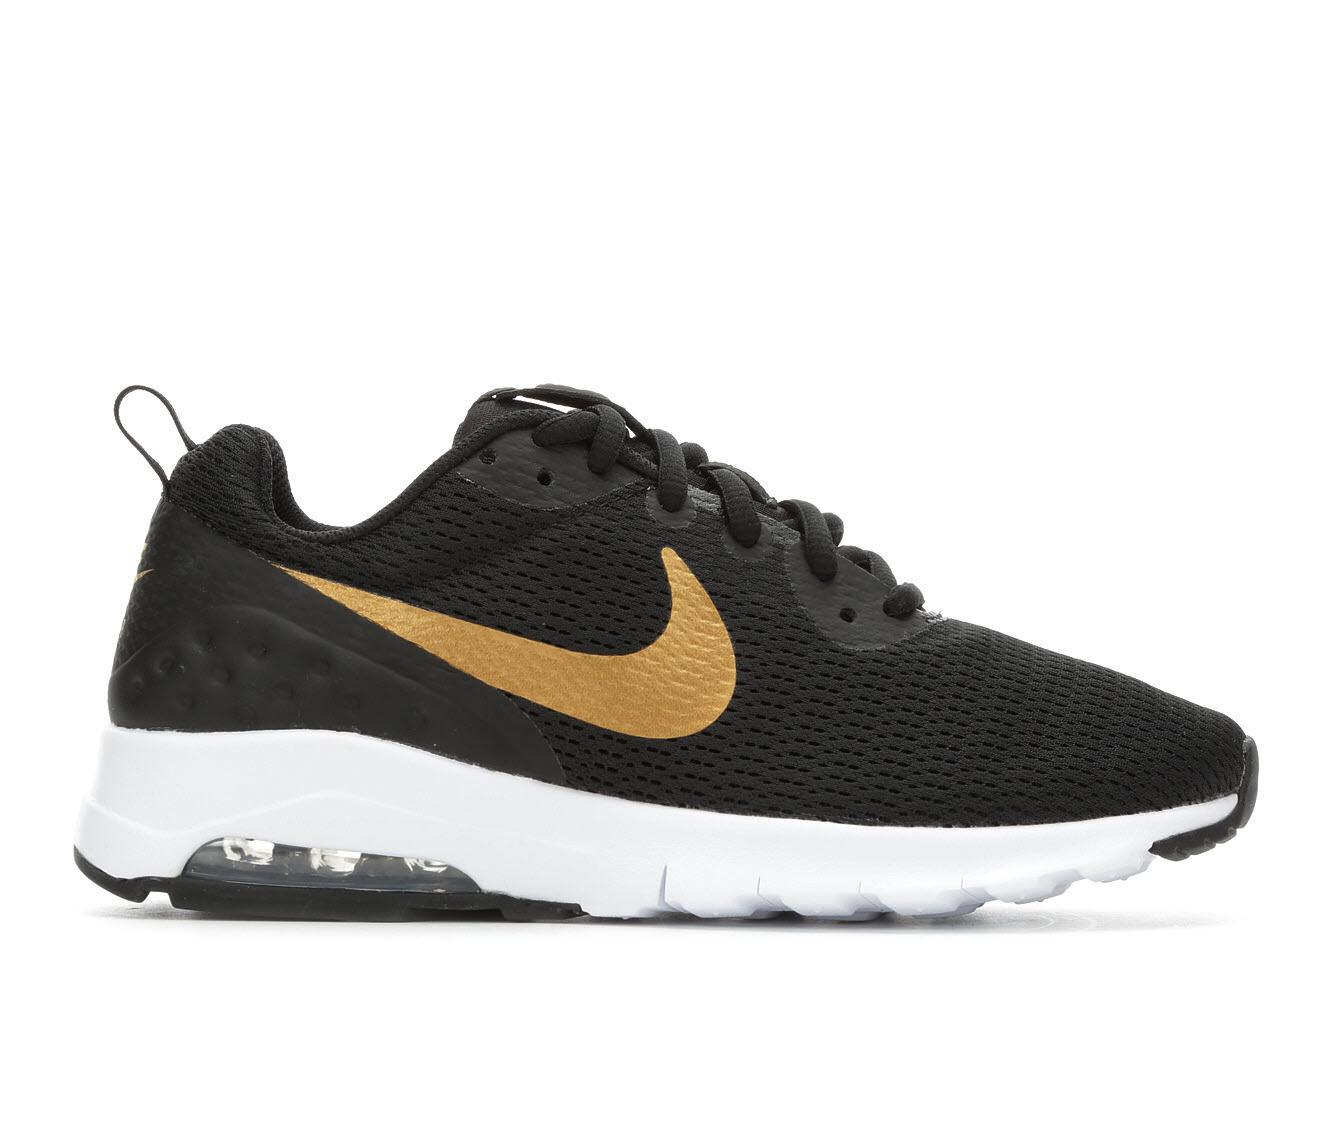 offer original Women's Nike Air Max Motion Low Sneakers Black/Met Gold